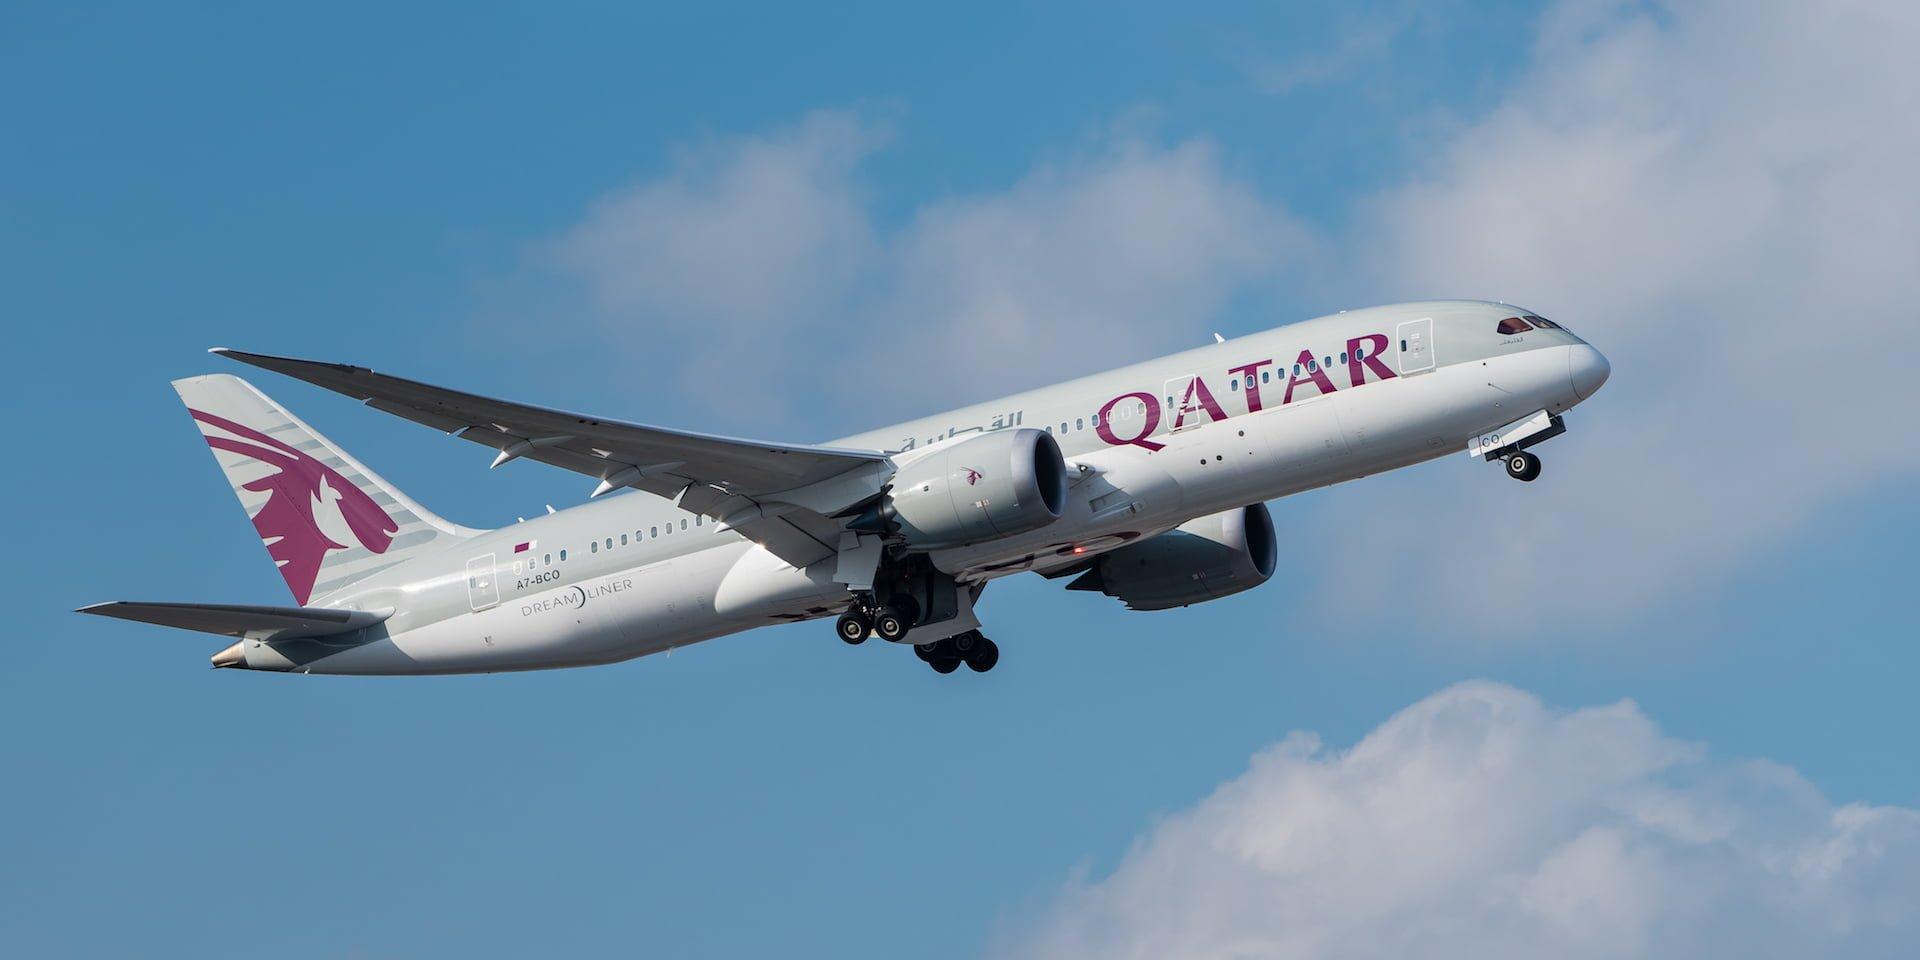 搭卡達航空(QATAR)旅行愛爾蘭都柏林,優惠機票促銷至 10 月中